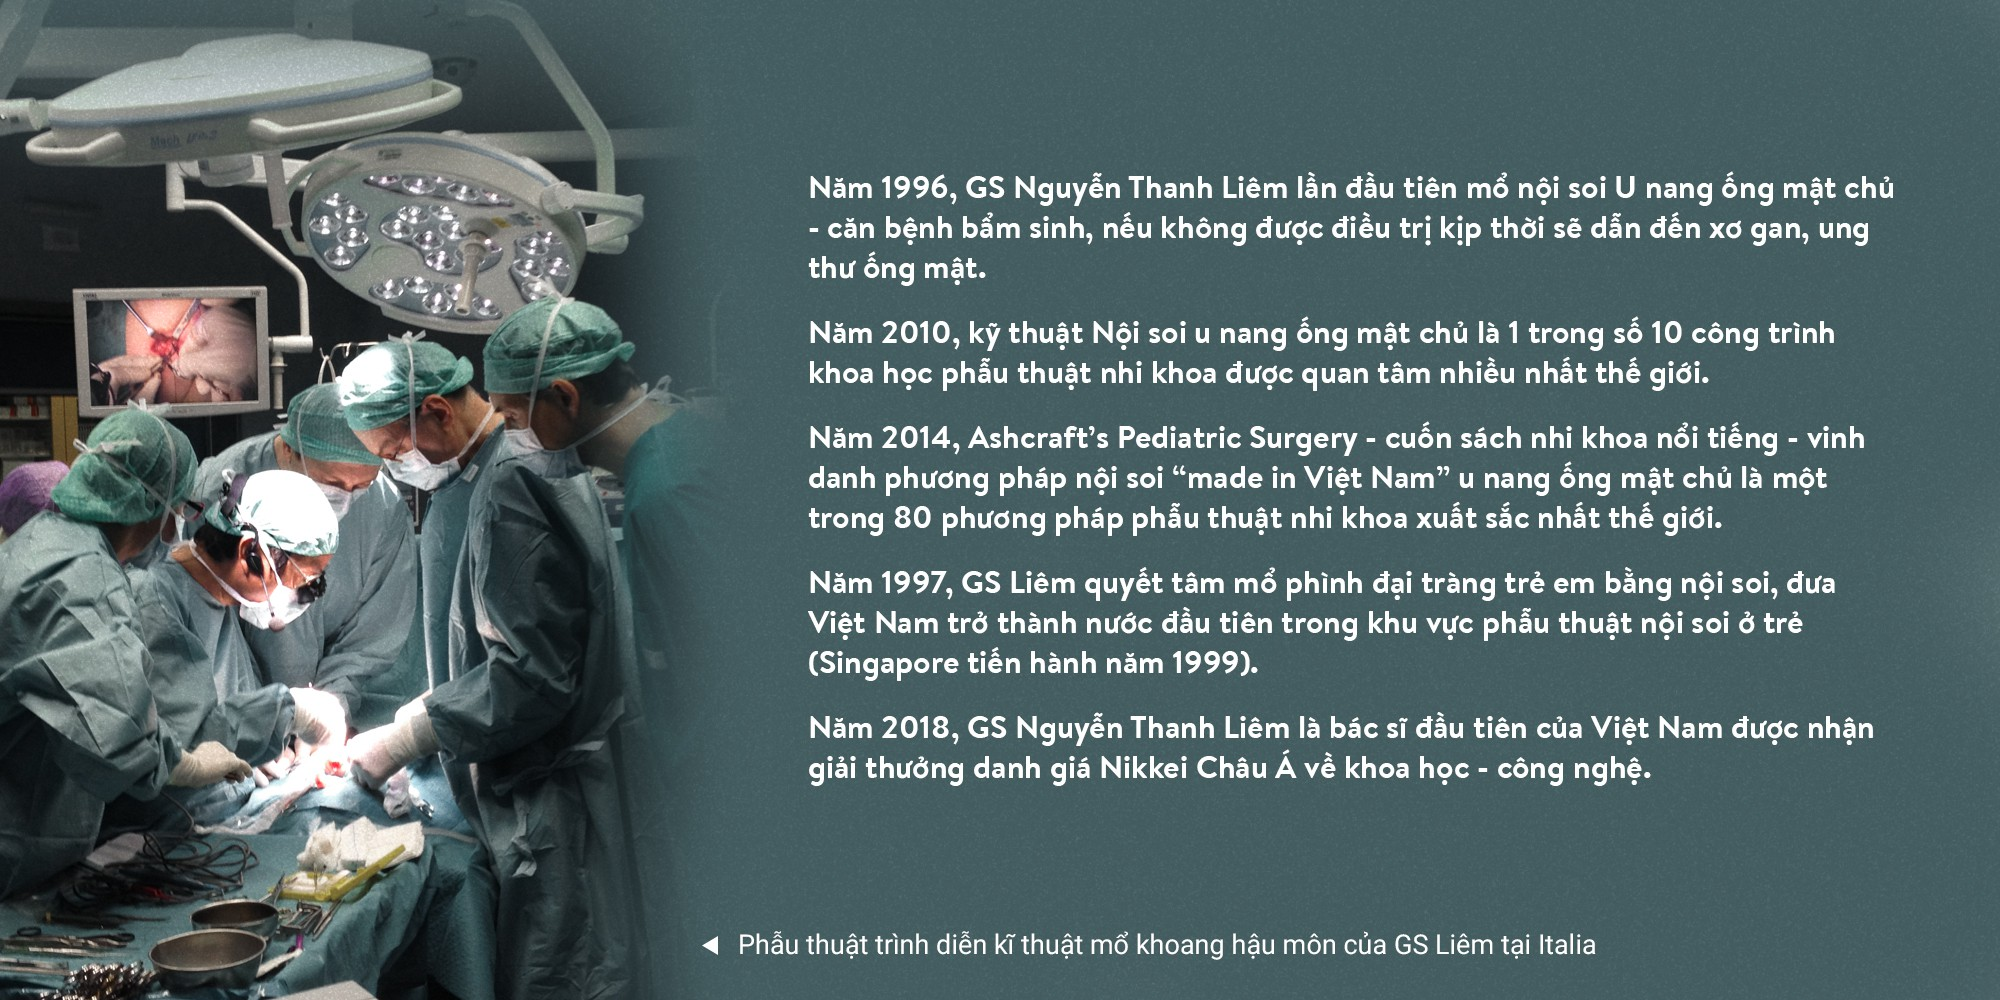 Mổ nội soi - hành trình Việt Nam vươn lên hàng đầu khu vực - Ảnh 14.